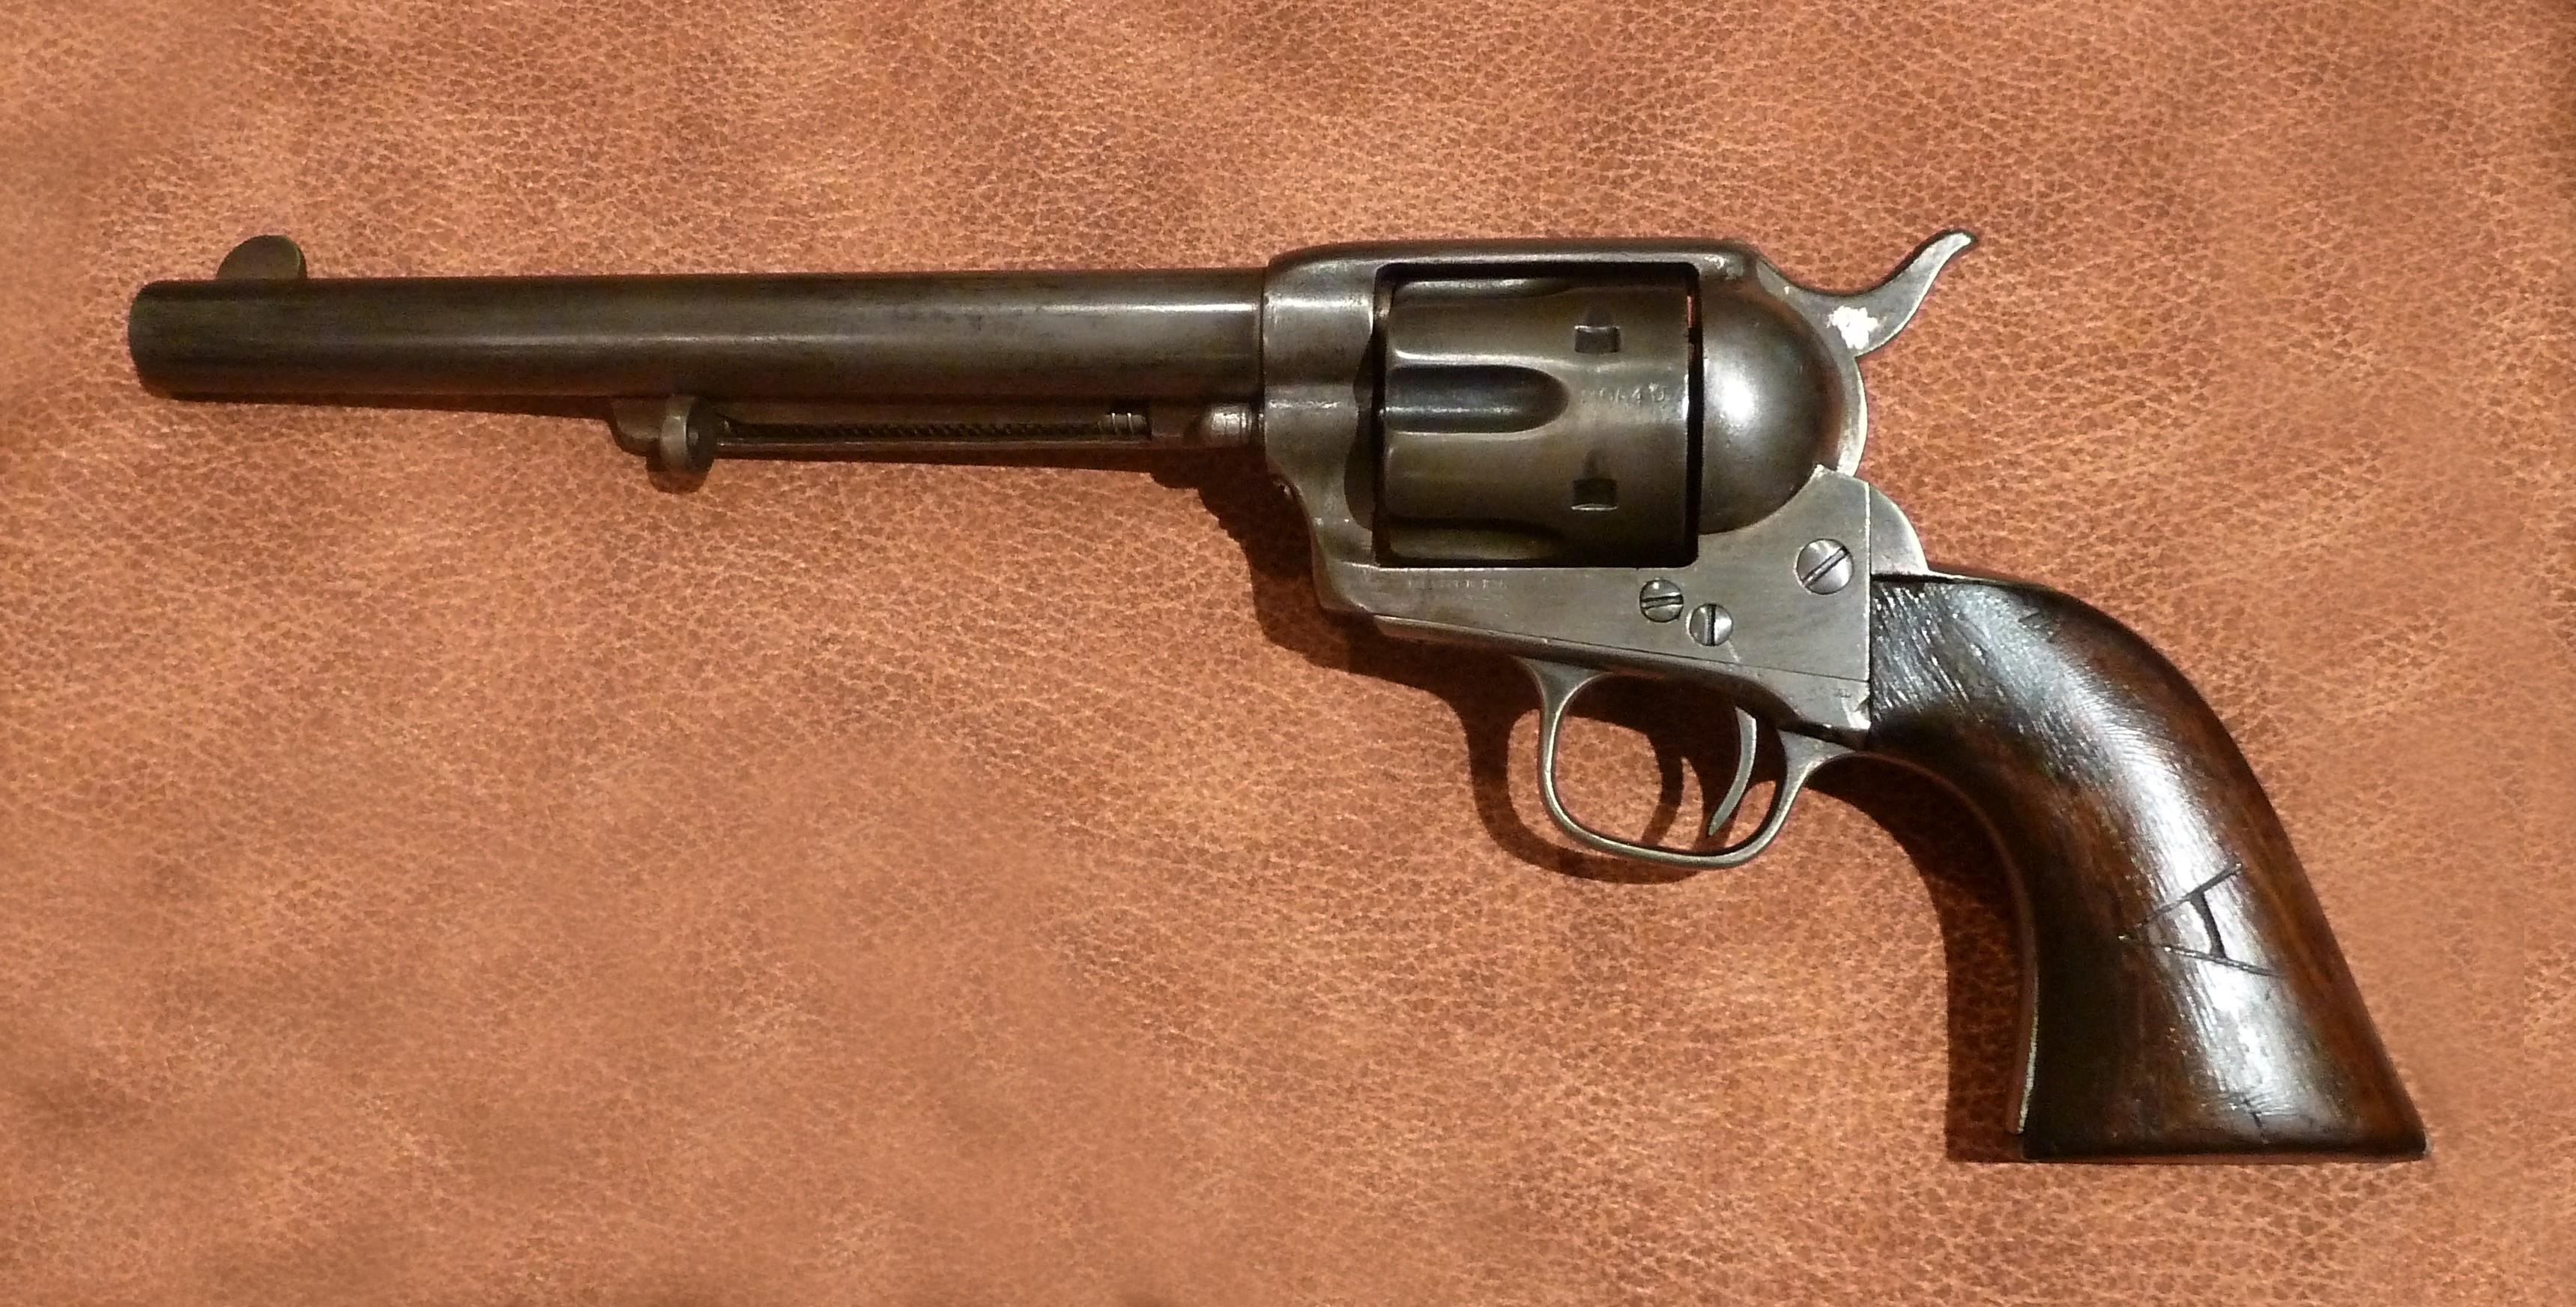 Revólver Colt Single Action Army - Stock Armas